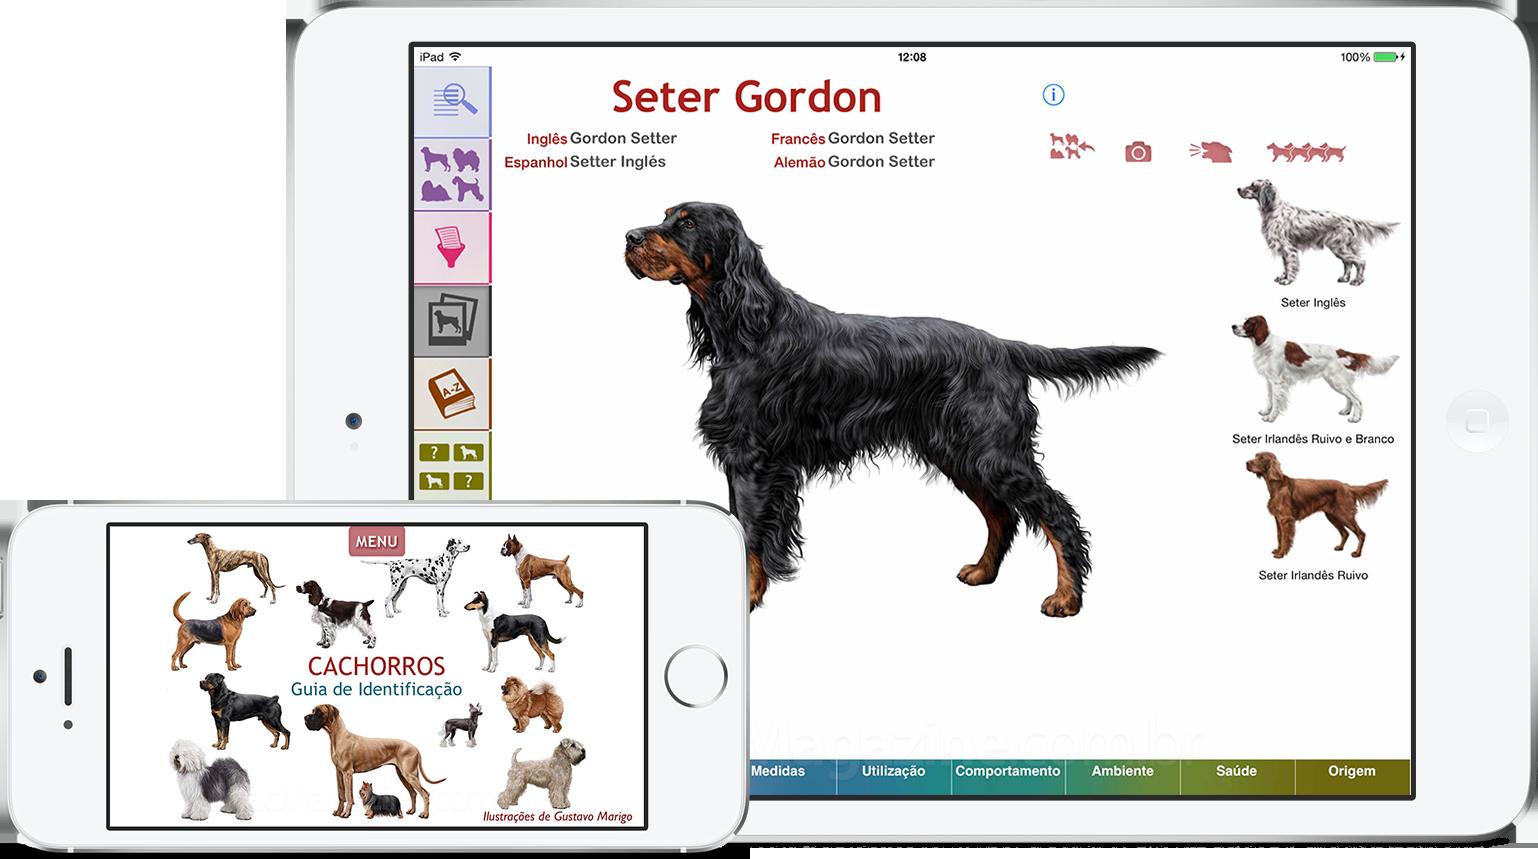 Cachorros - Guia de Identificação em iGadgets